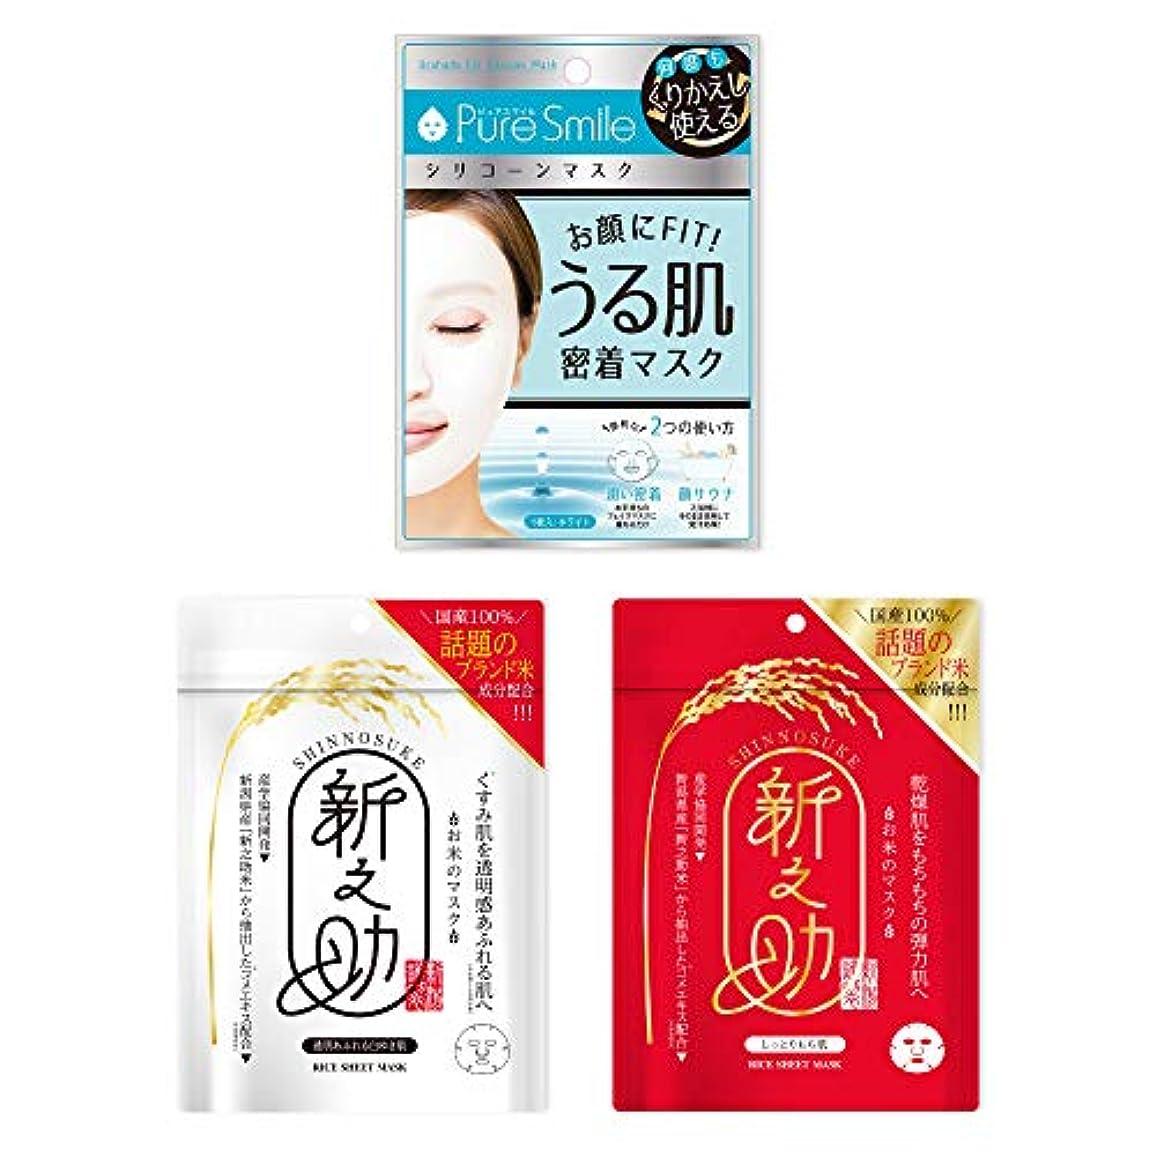 美容師メタリックバング[セット品]シリコーンマスク+新之助シートマスク 2種類セット(透明あふれる雪肌/しっとりもち肌)